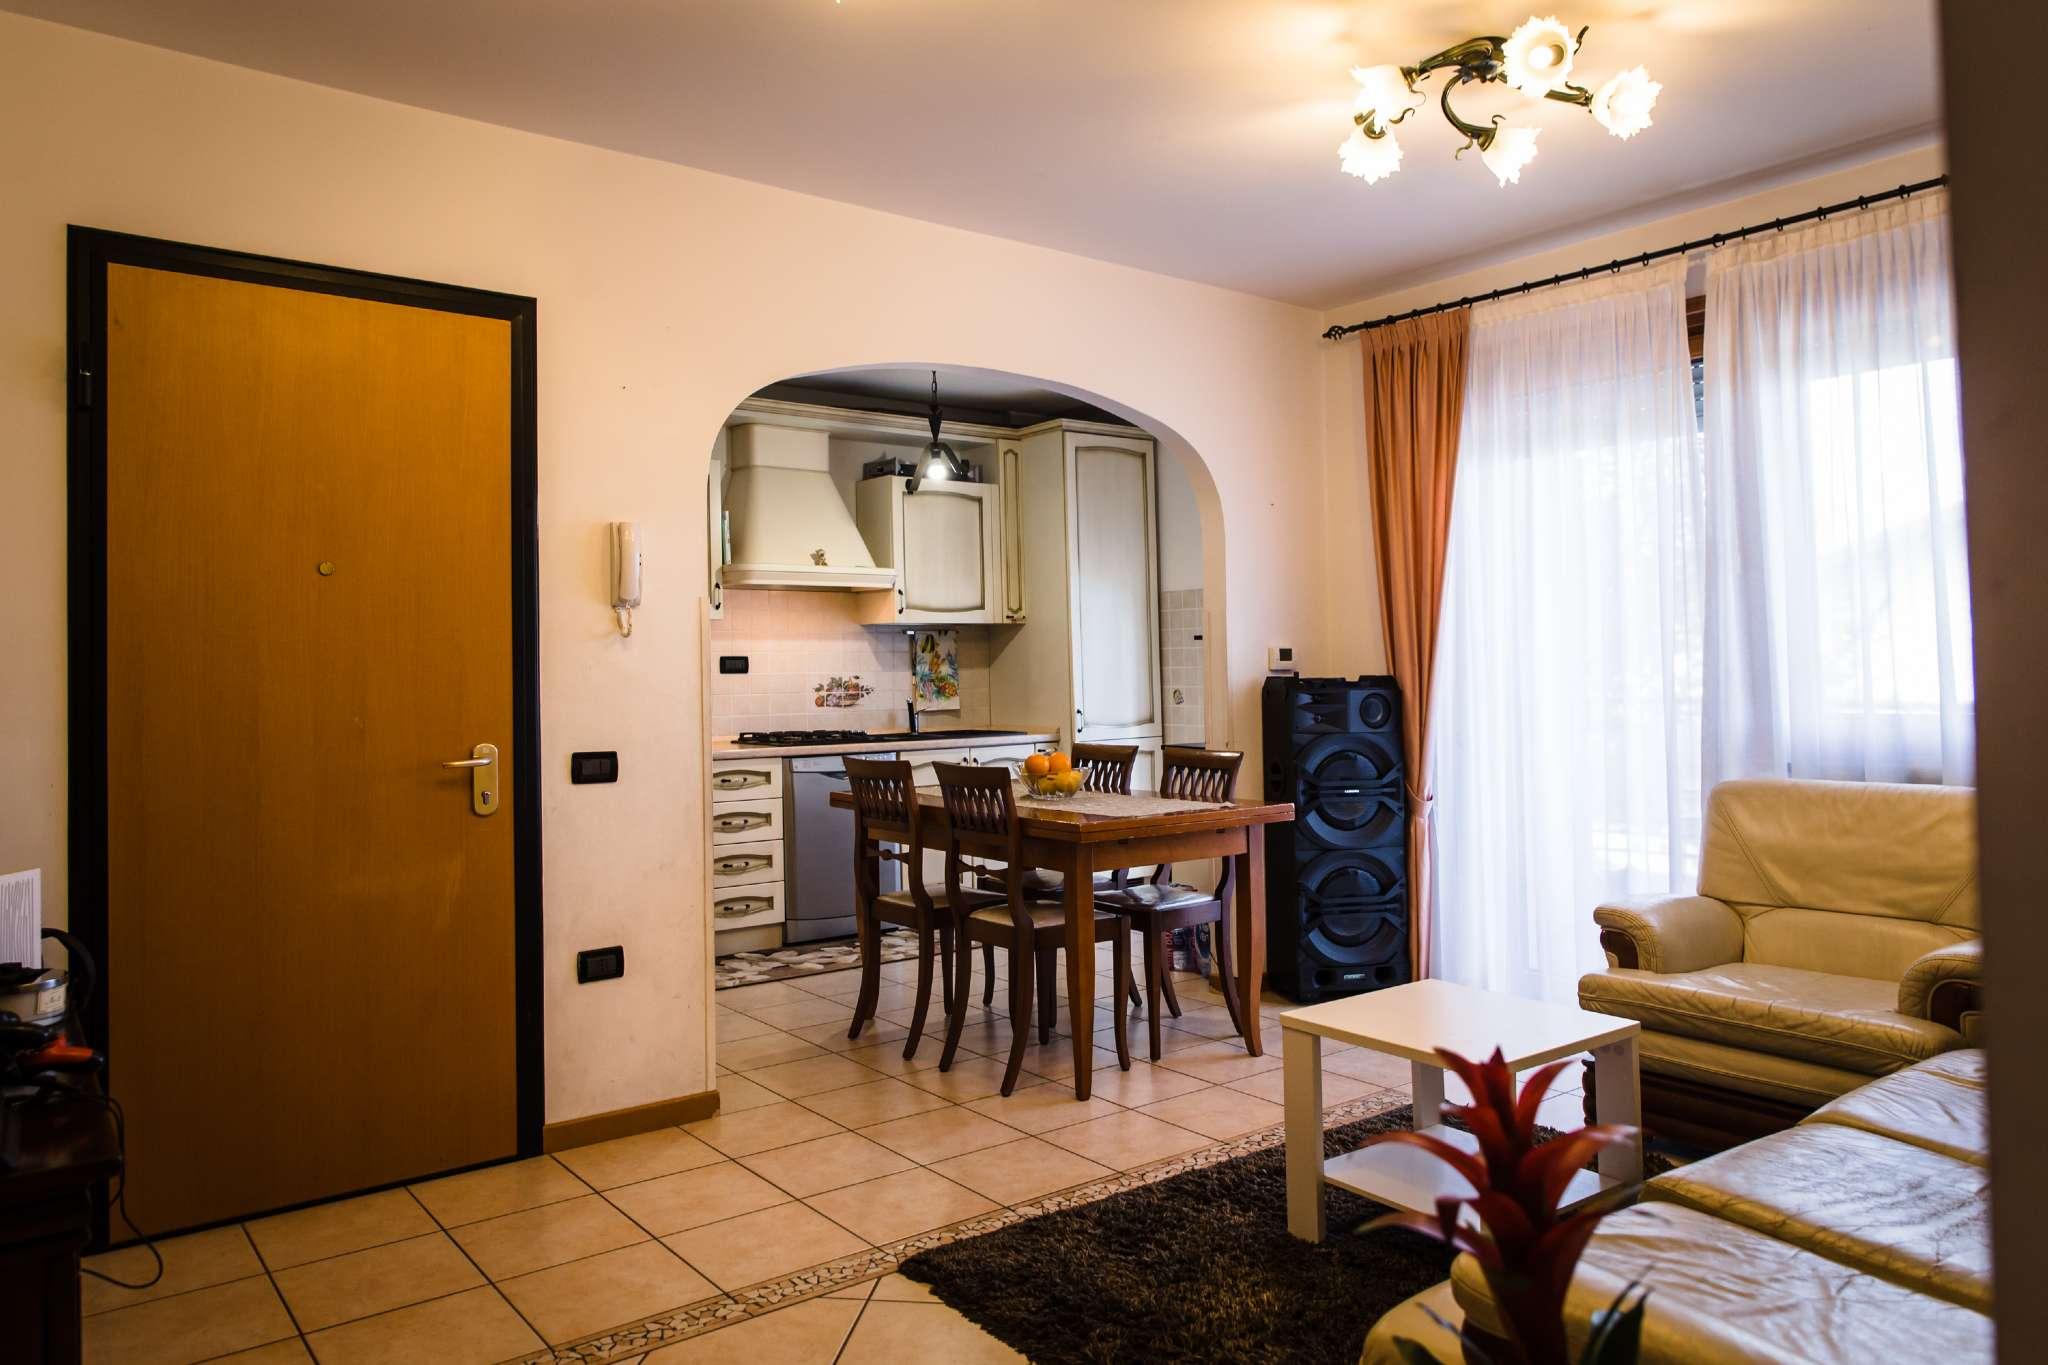 Appartamento in vendita a Udine, 5 locali, prezzo € 159.000 | PortaleAgenzieImmobiliari.it